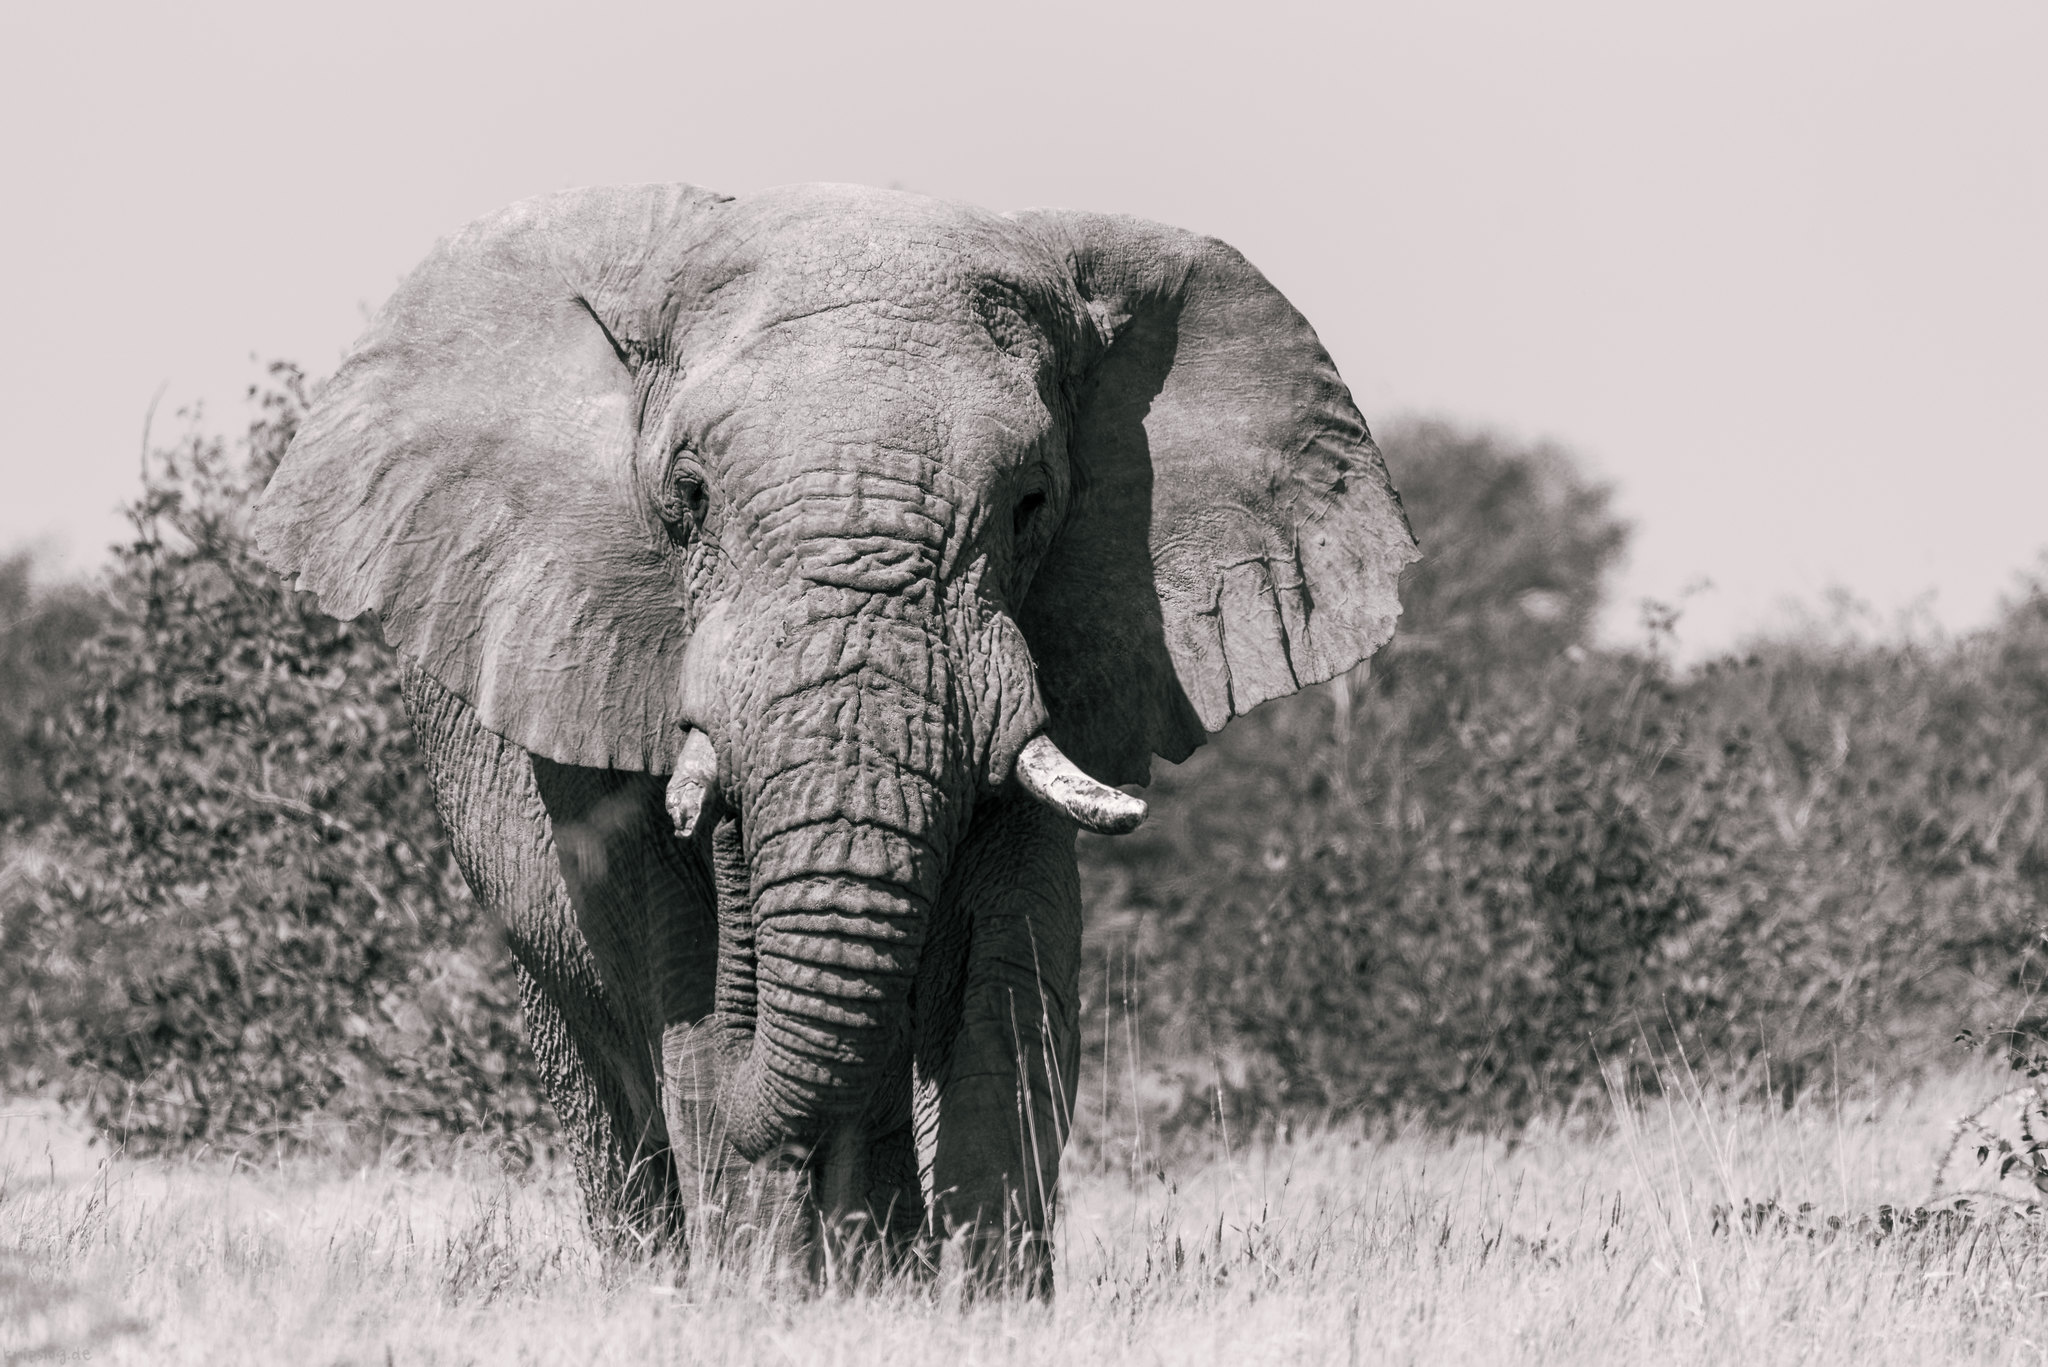 B/W elephant